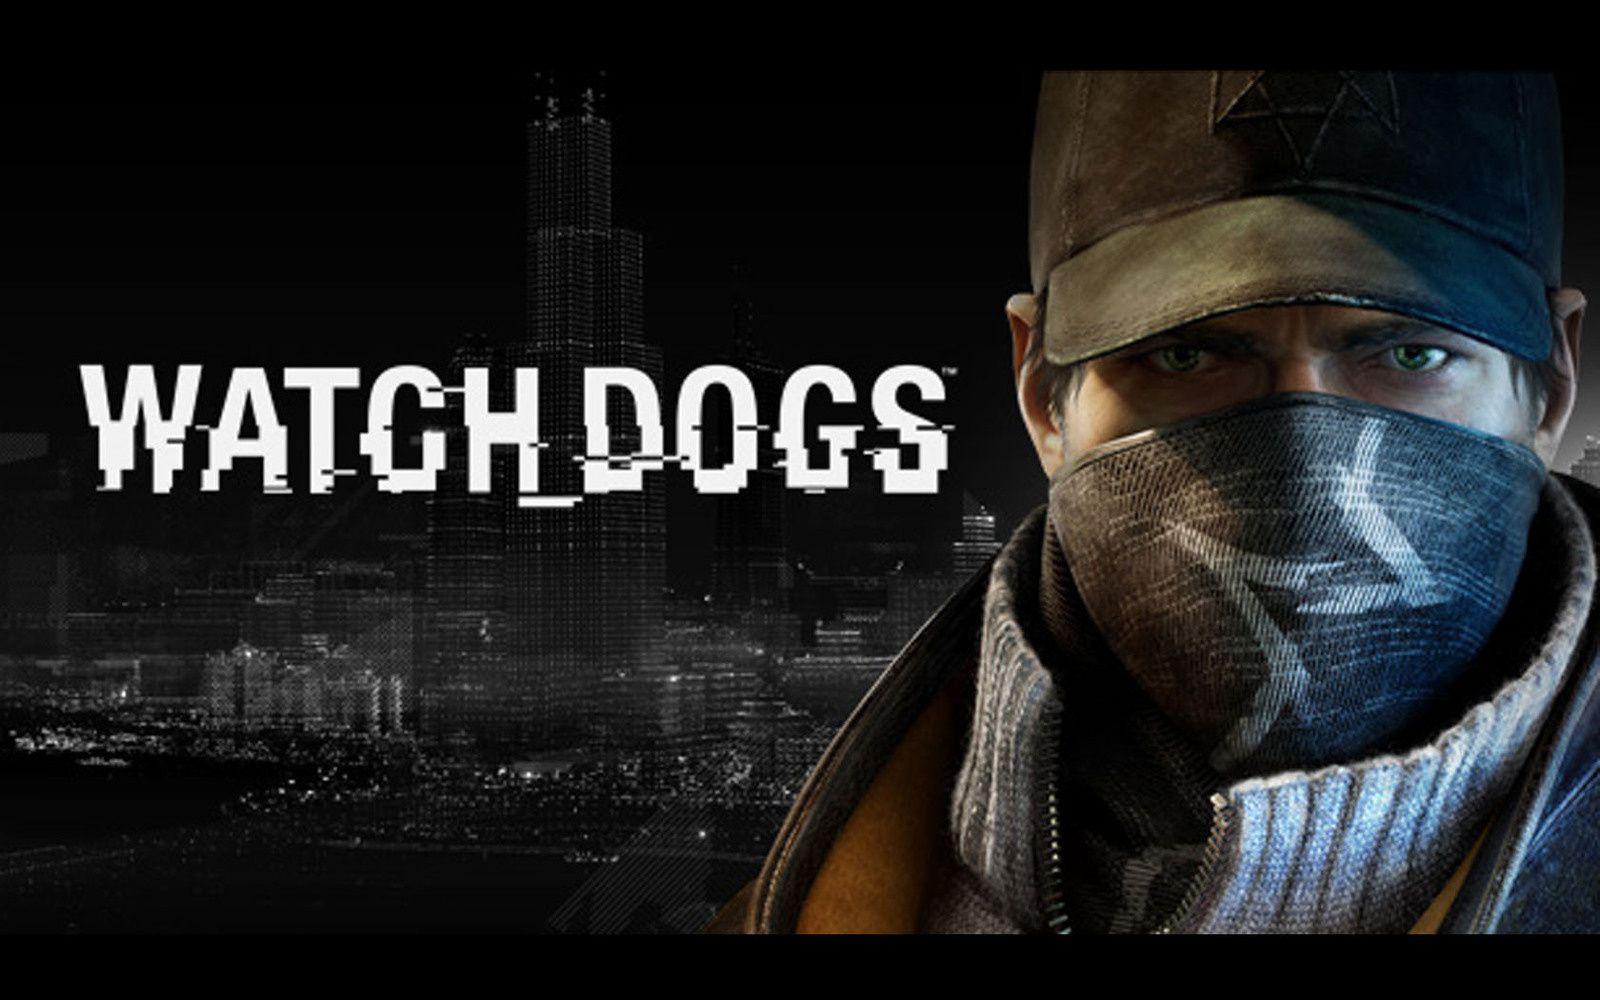 Tout savoir sur Watch_Dogs en moins de 10 minutes !